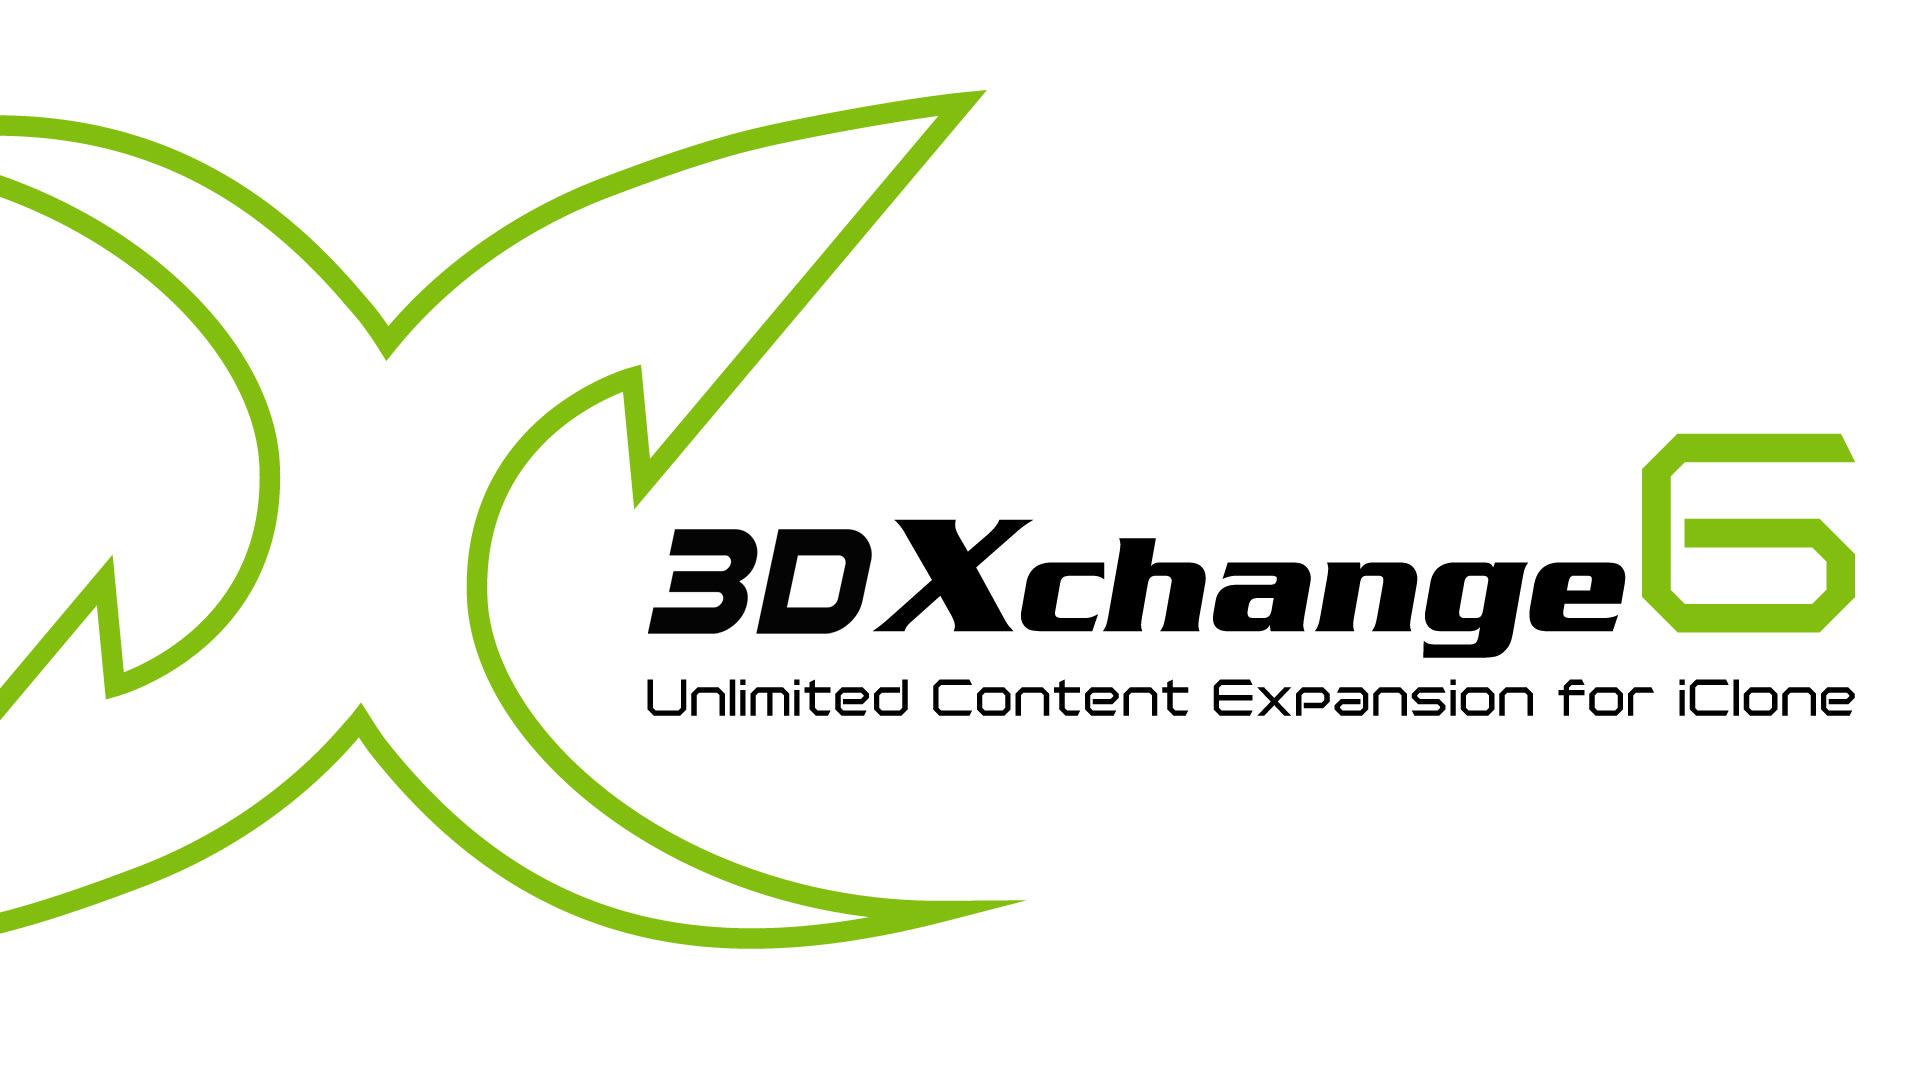 3DXchange